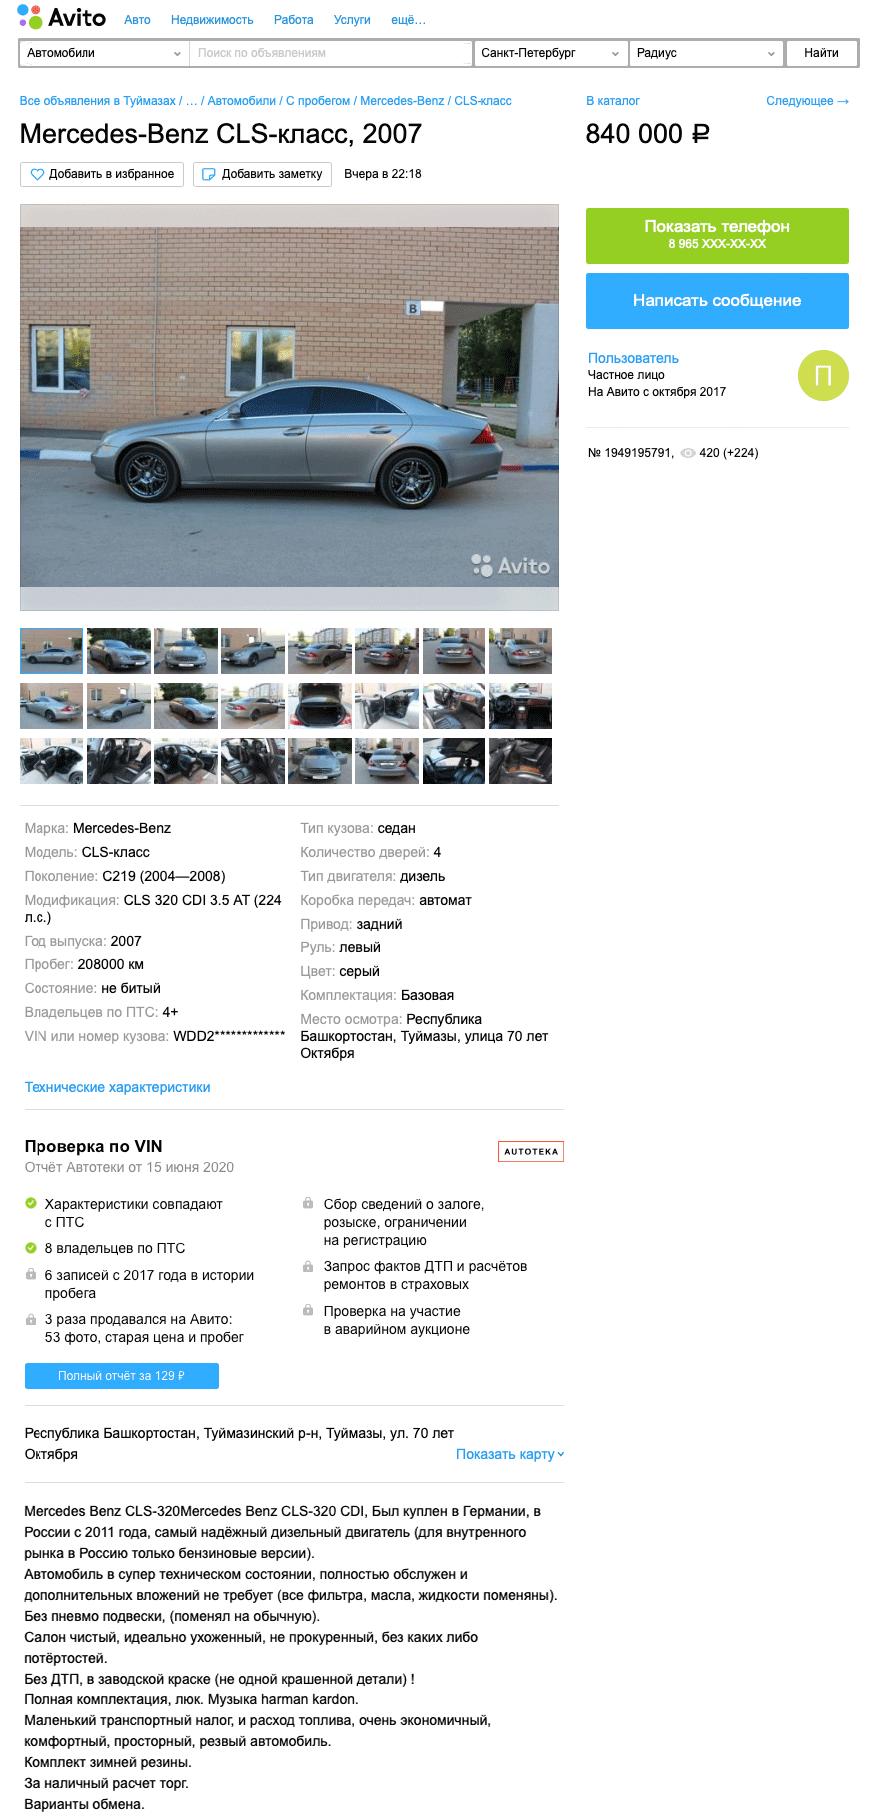 Почерневшие бананы: стоит ли покупать Mercedes-Benz CLS I за 800 тысяч рублей